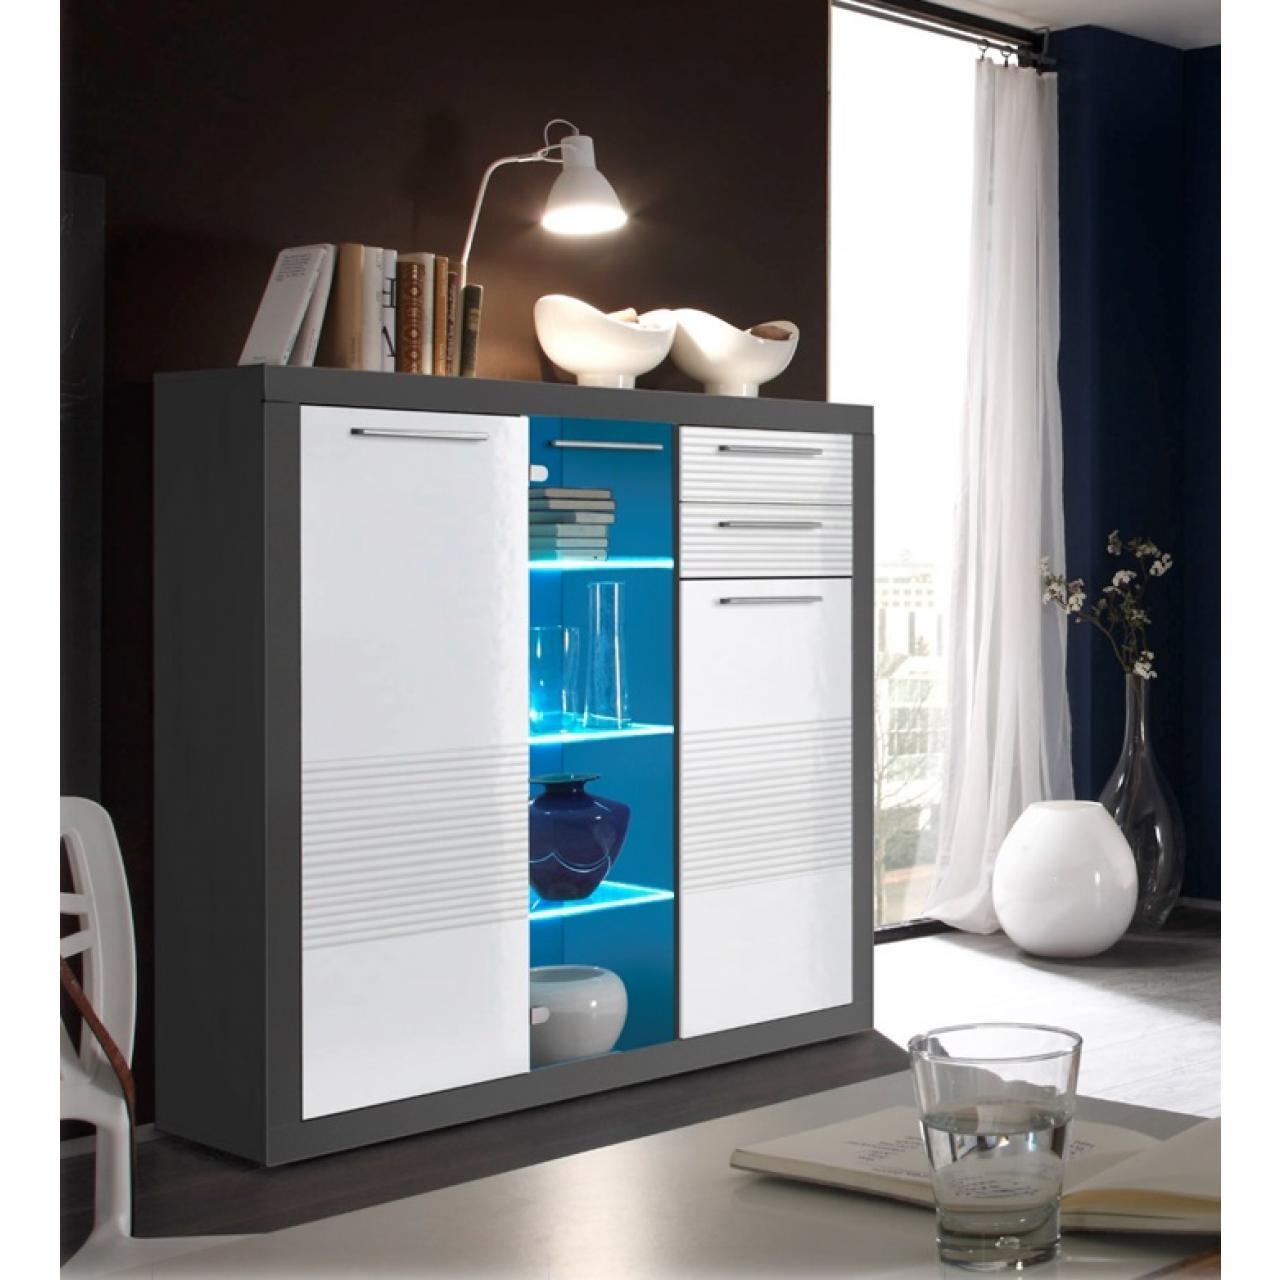 highboard luca beim bel wohnen m bel j hnichen center gmbh. Black Bedroom Furniture Sets. Home Design Ideas